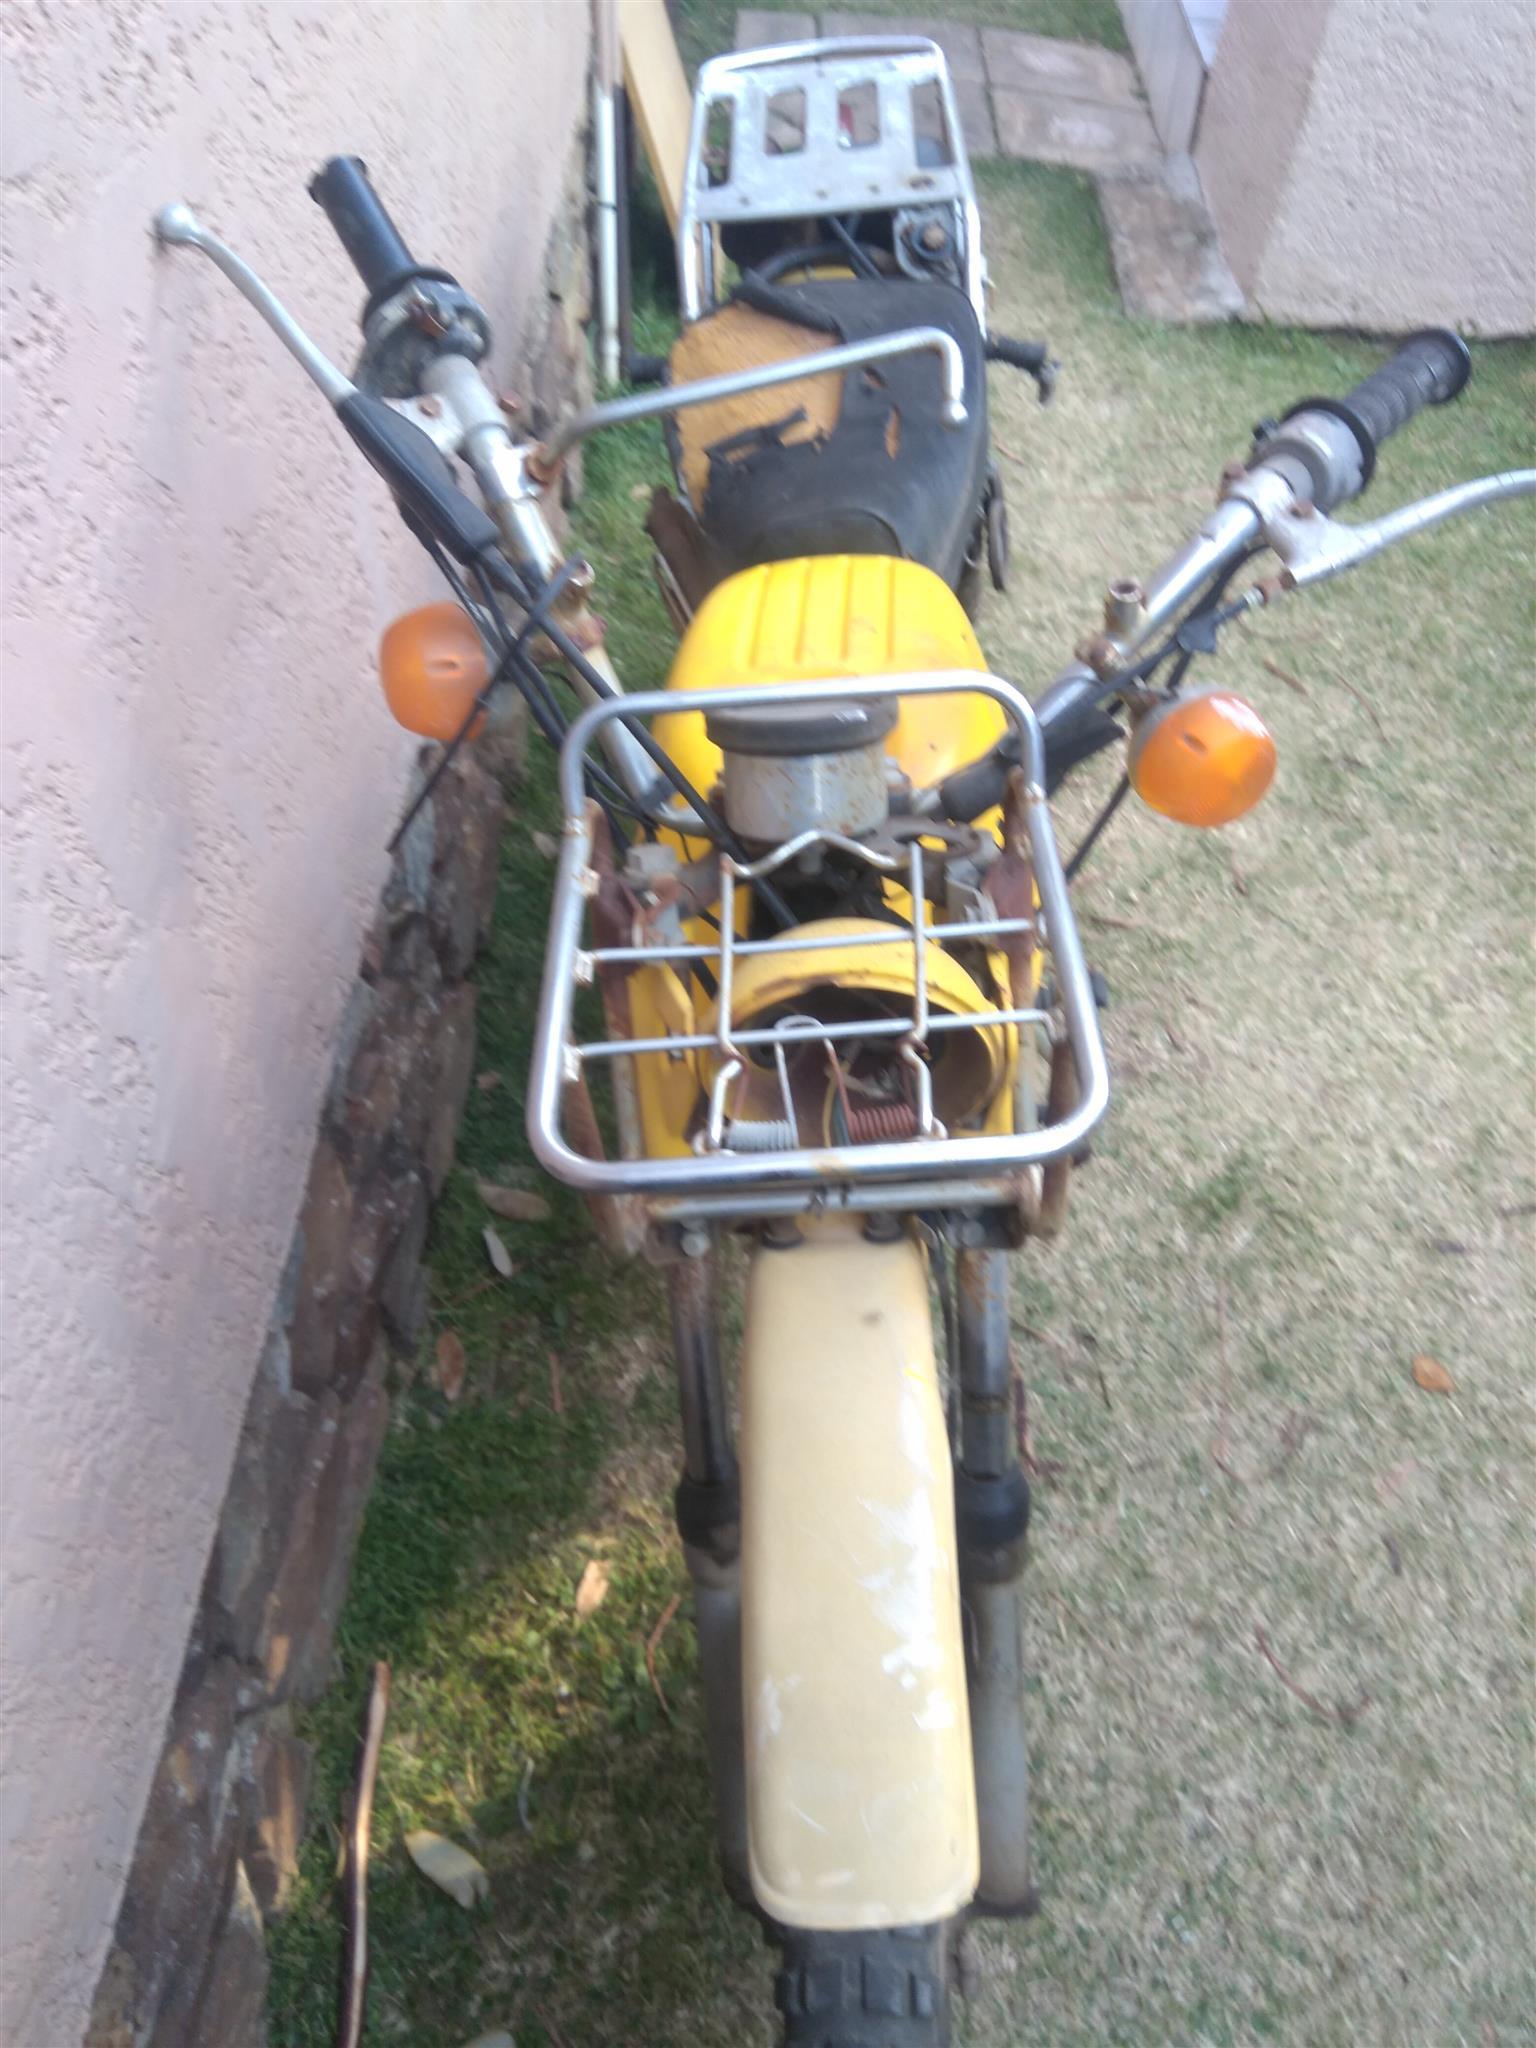 Yamaha AG100  1976 Project Bike Non-Runner